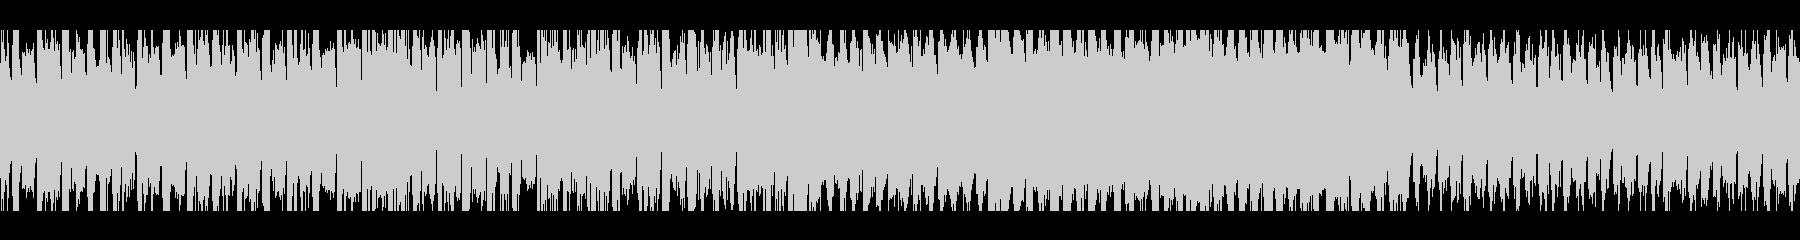 明るい雰囲気のアップチューンのEDMの未再生の波形